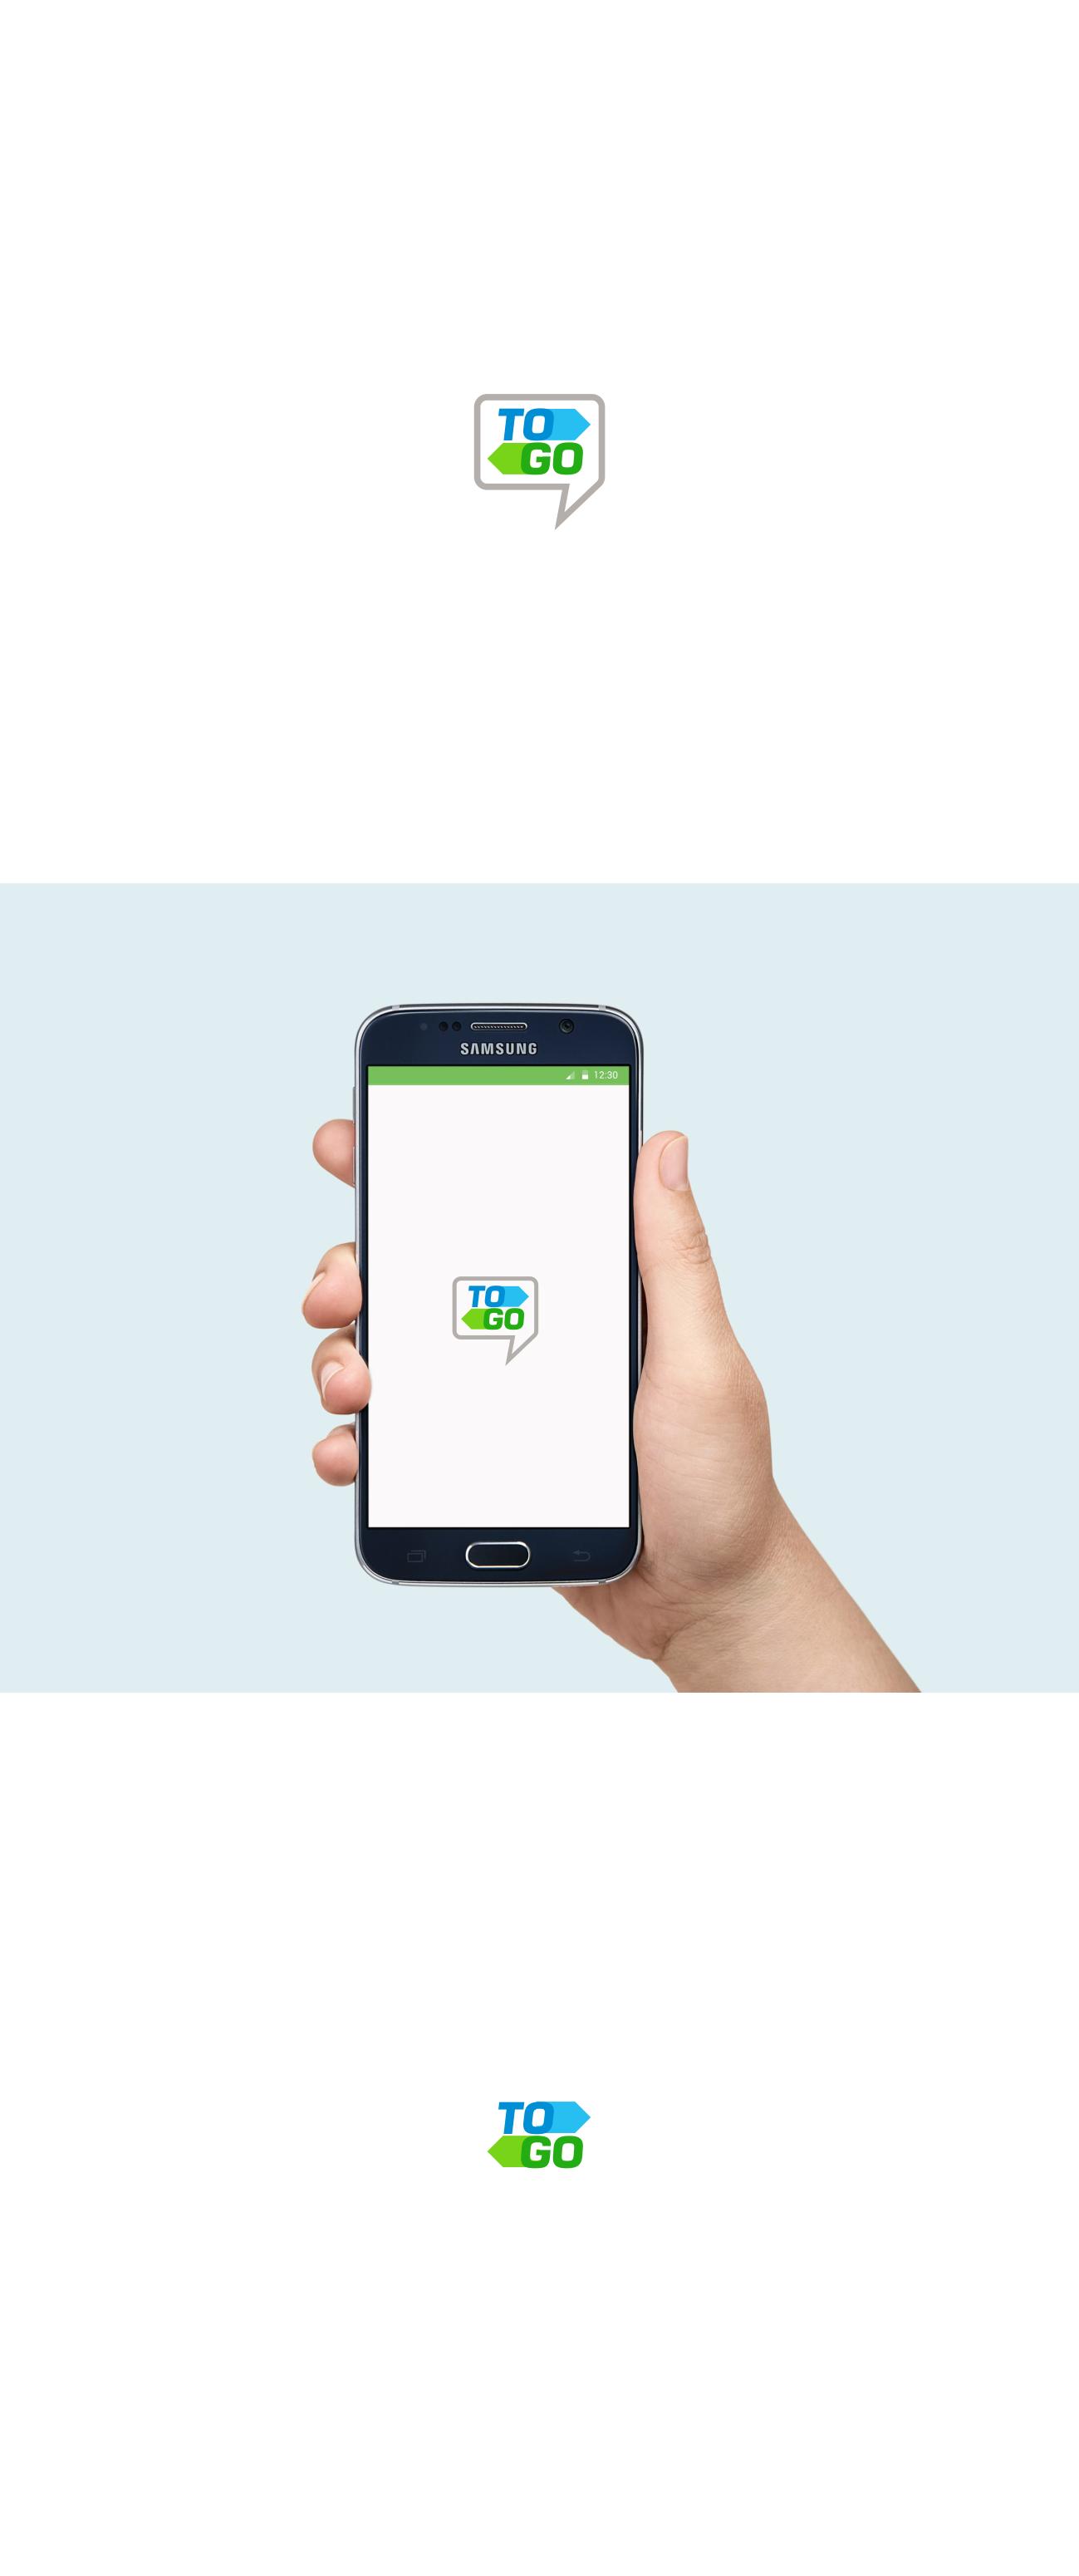 Разработать логотип и экран загрузки приложения фото f_3945a80d571aad84.png